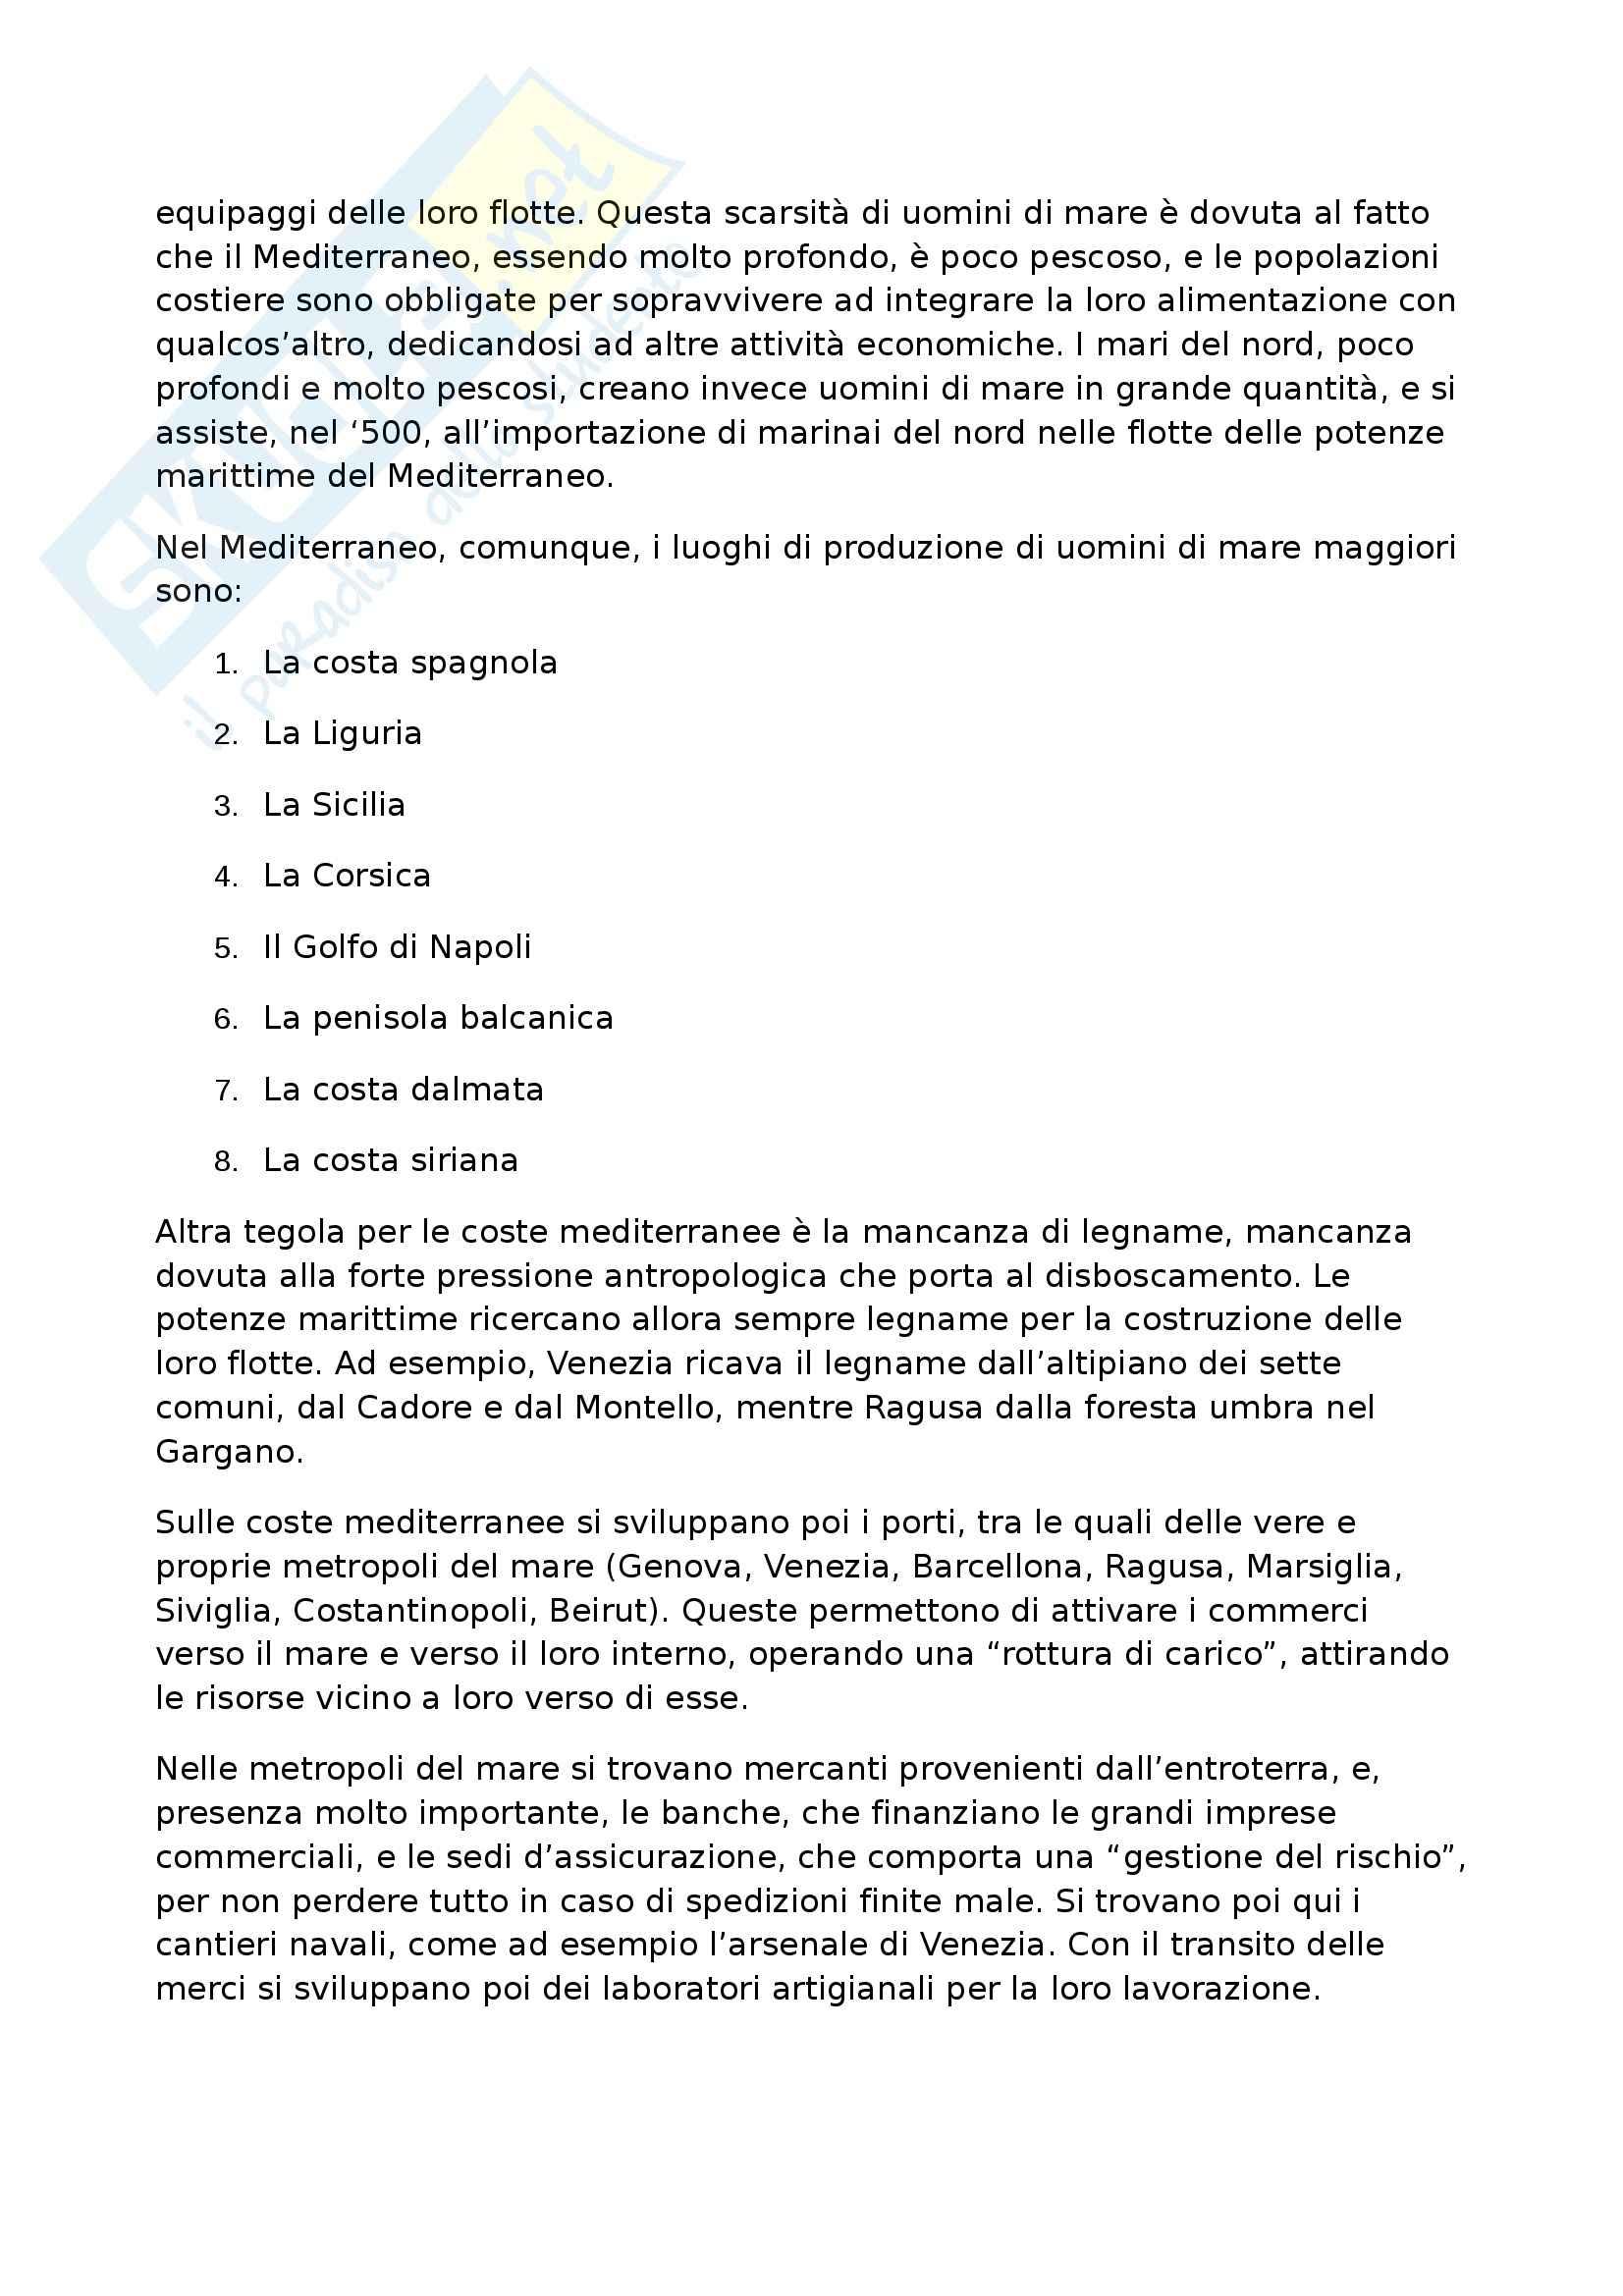 Riassunto esame Geografia Storica, prof. Pase, libro consigliato Civiltà ed Imperi del Mediterraneo nell'Età di Filippo II, Braudel Pag. 26